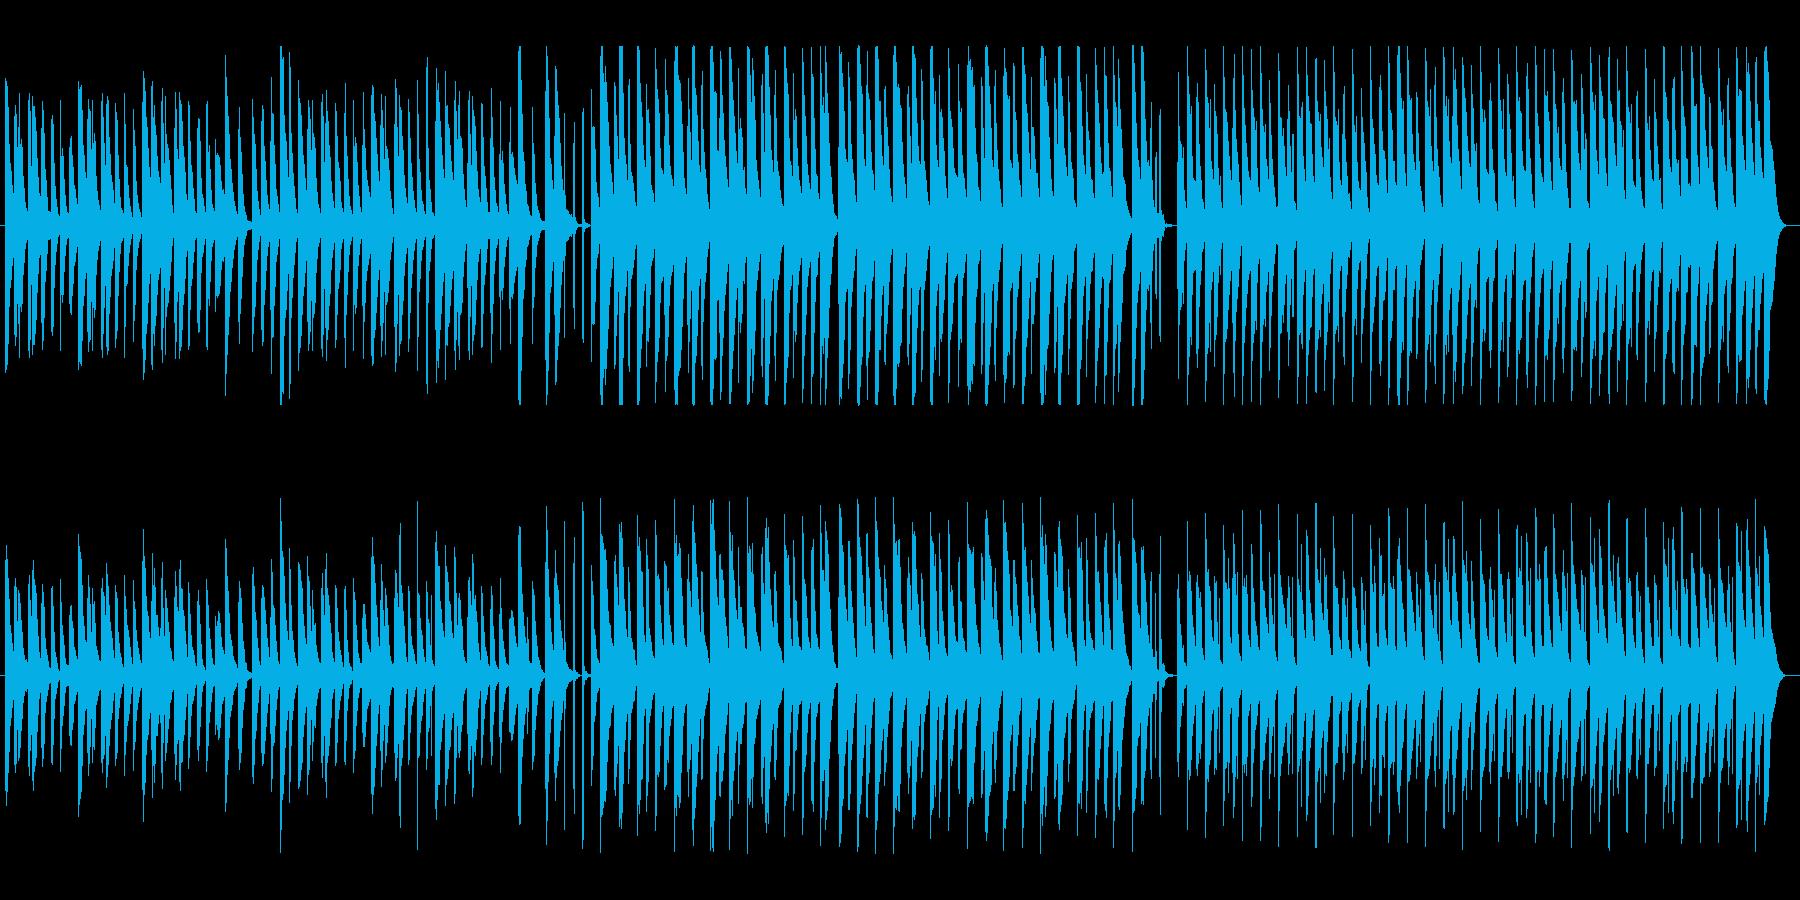 ハッピー&クリーンなマリンバメロディの再生済みの波形